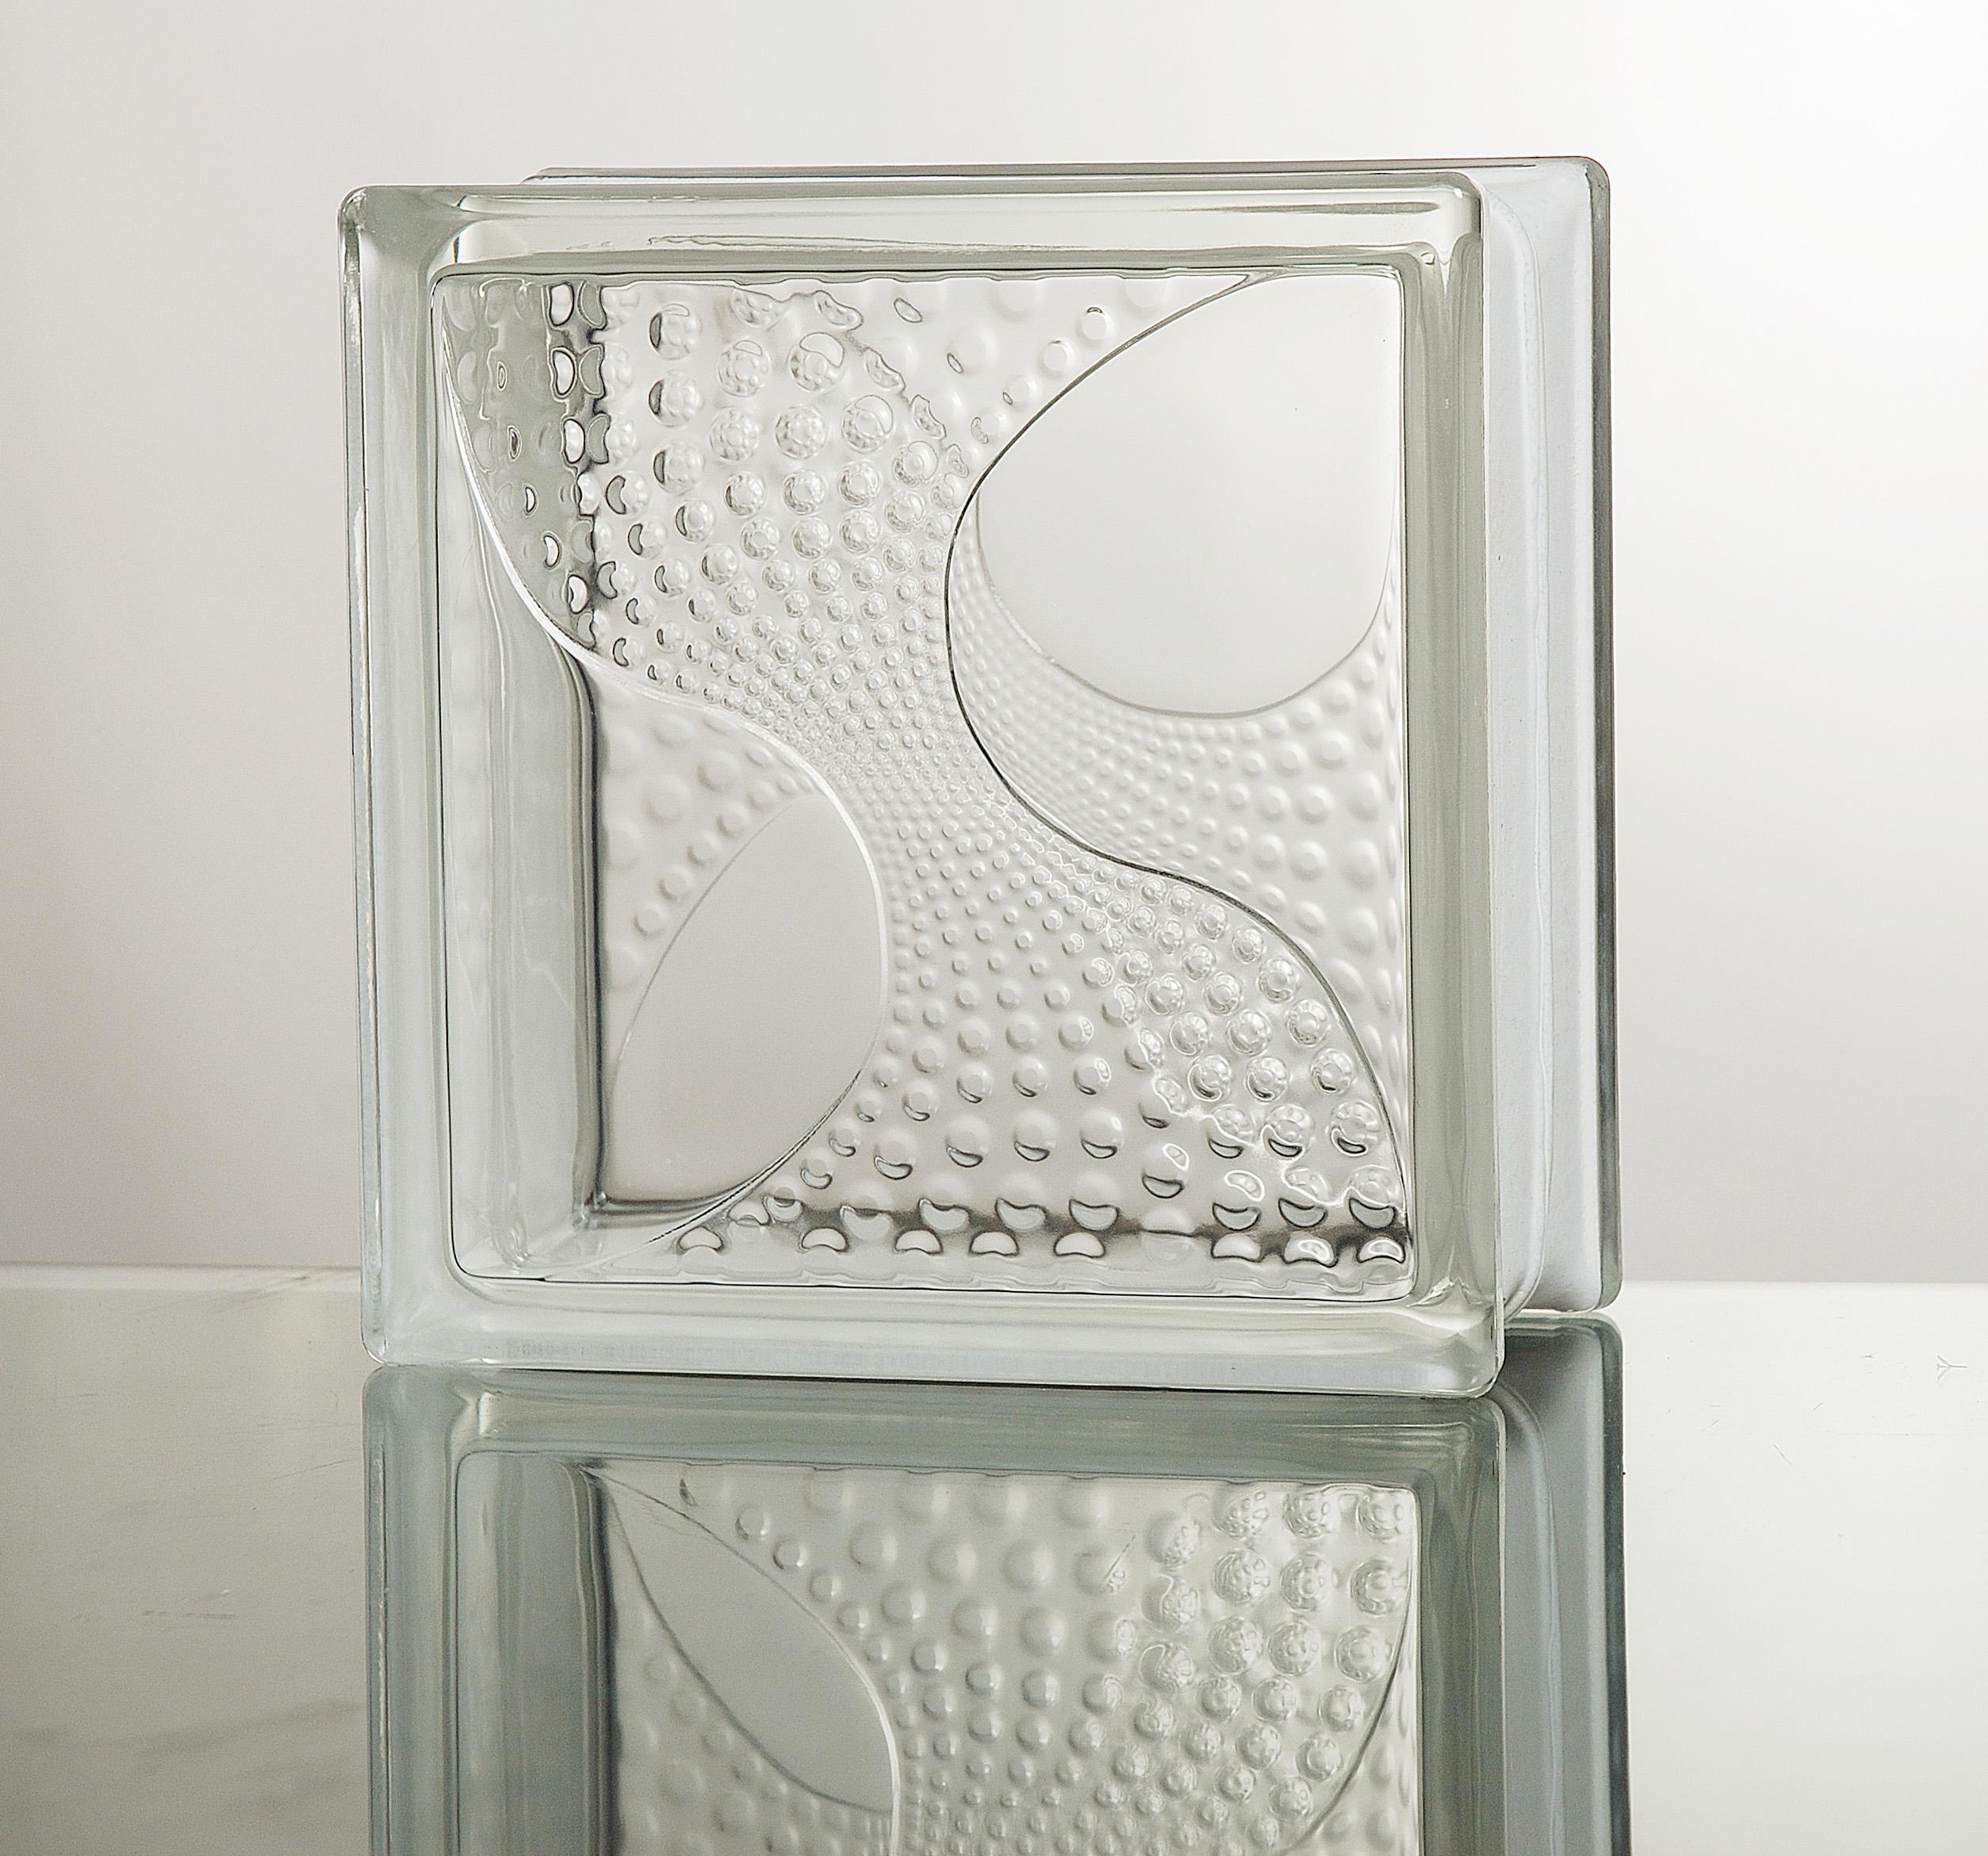 Pareti In Vetrocemento Prezzi trova le migliori mattoni vetrocemento prezzi produttori e